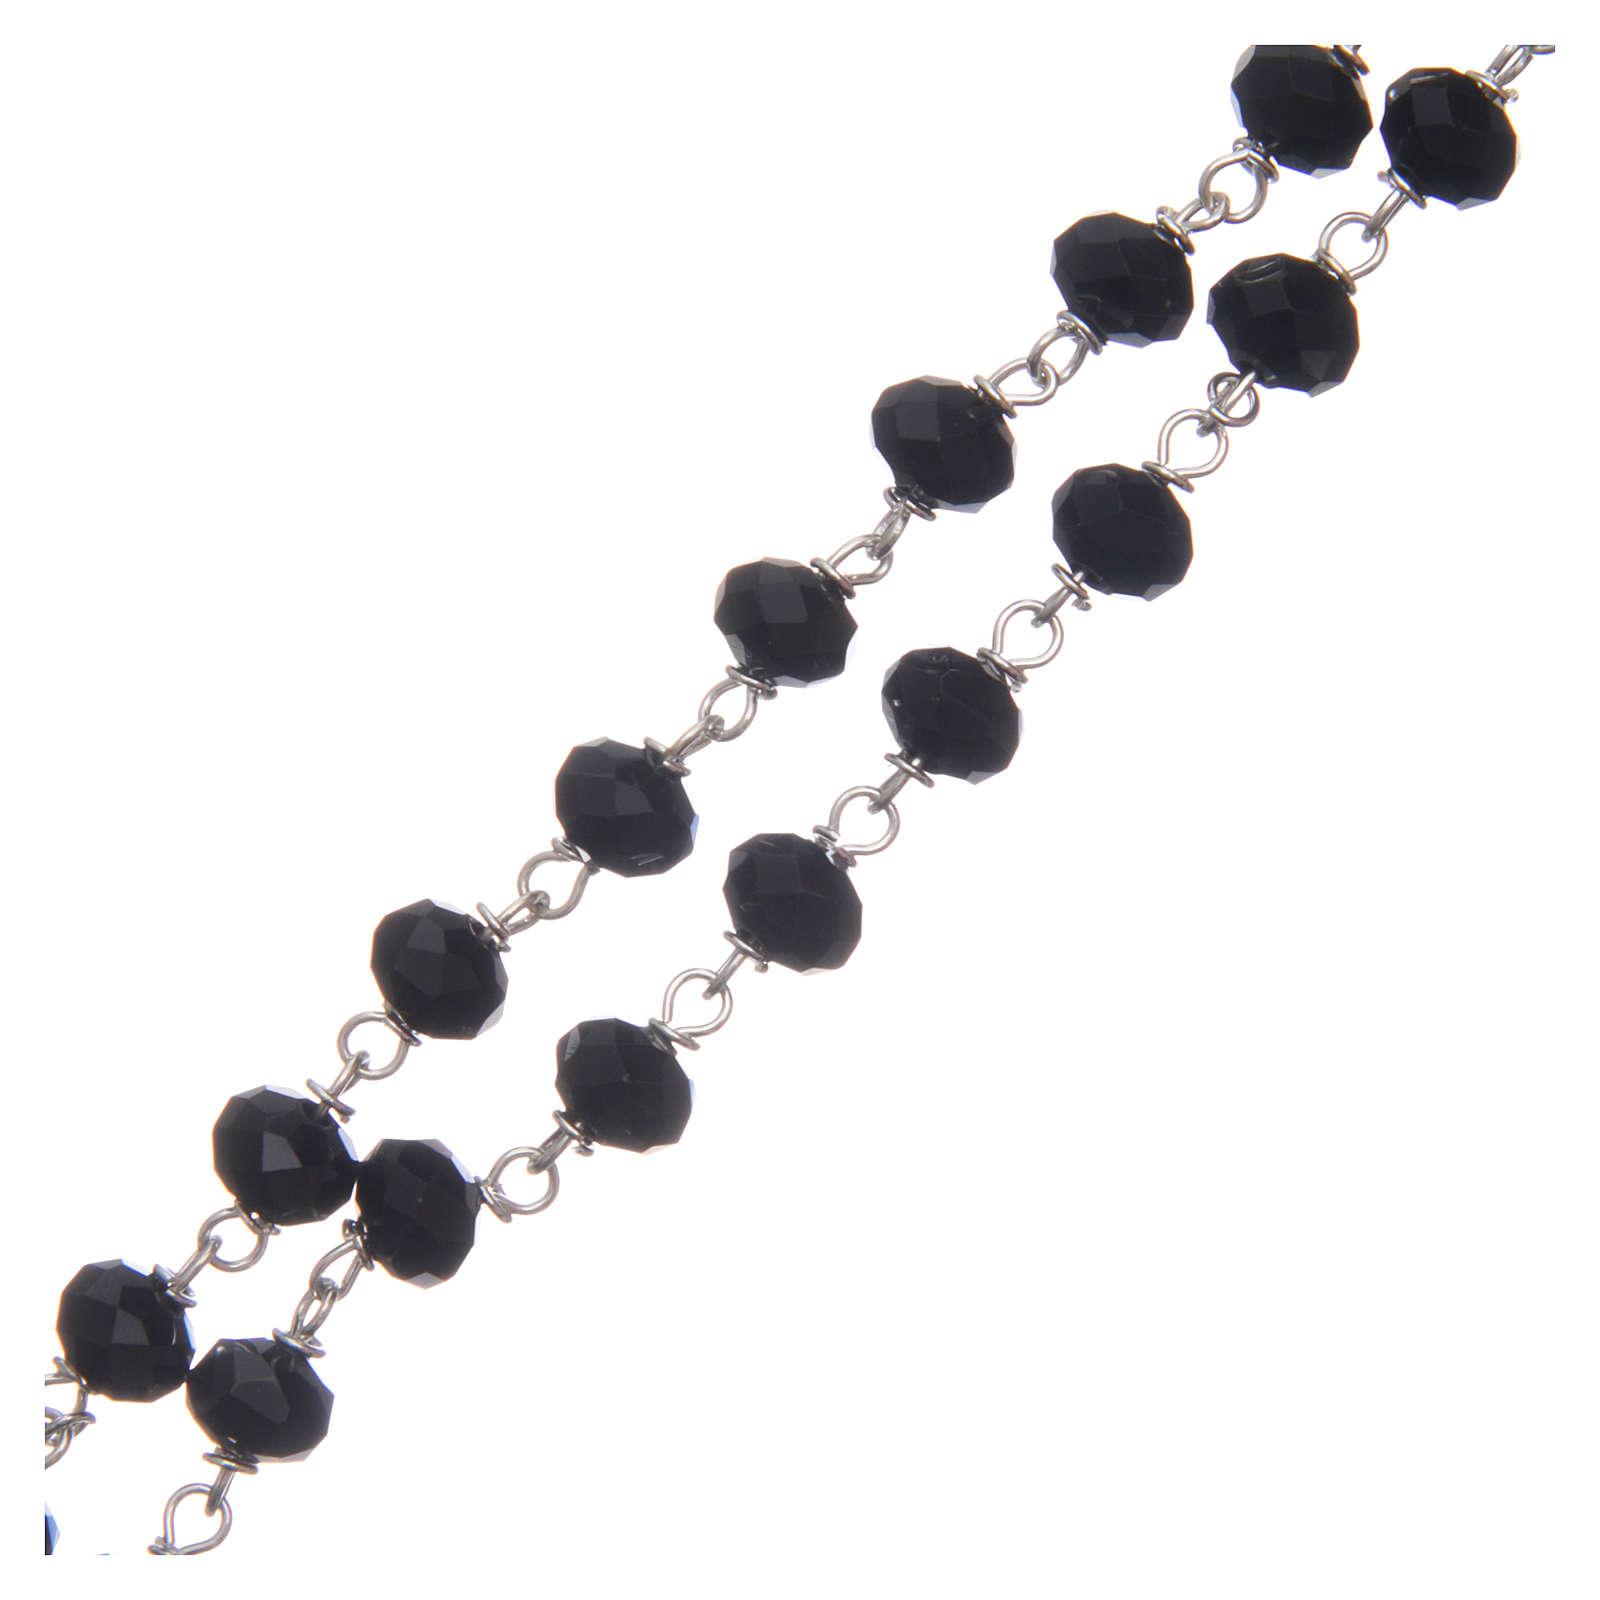 Chapelet cristal à facettes noir avec grains 8 mm 4